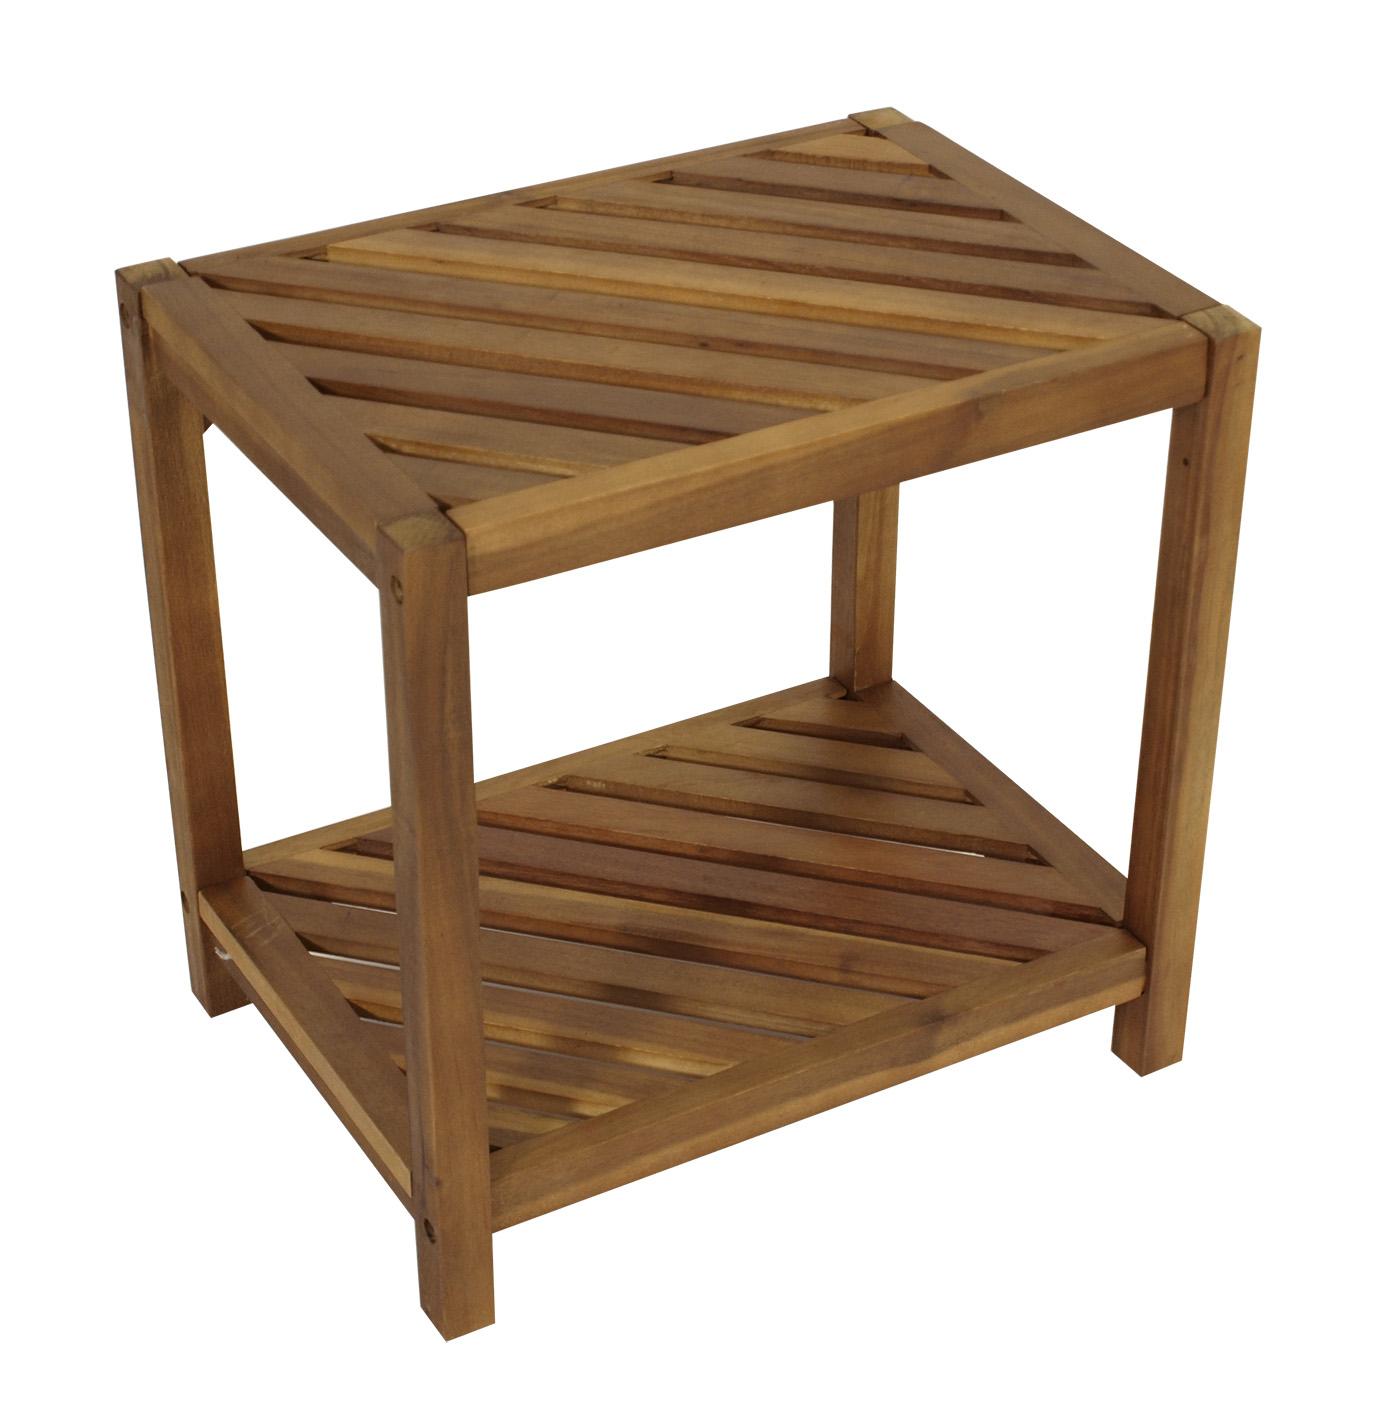 beistelltisch regal holzregal tobago 45x32x45cm akazie innen aussen fsc zert ebay. Black Bedroom Furniture Sets. Home Design Ideas